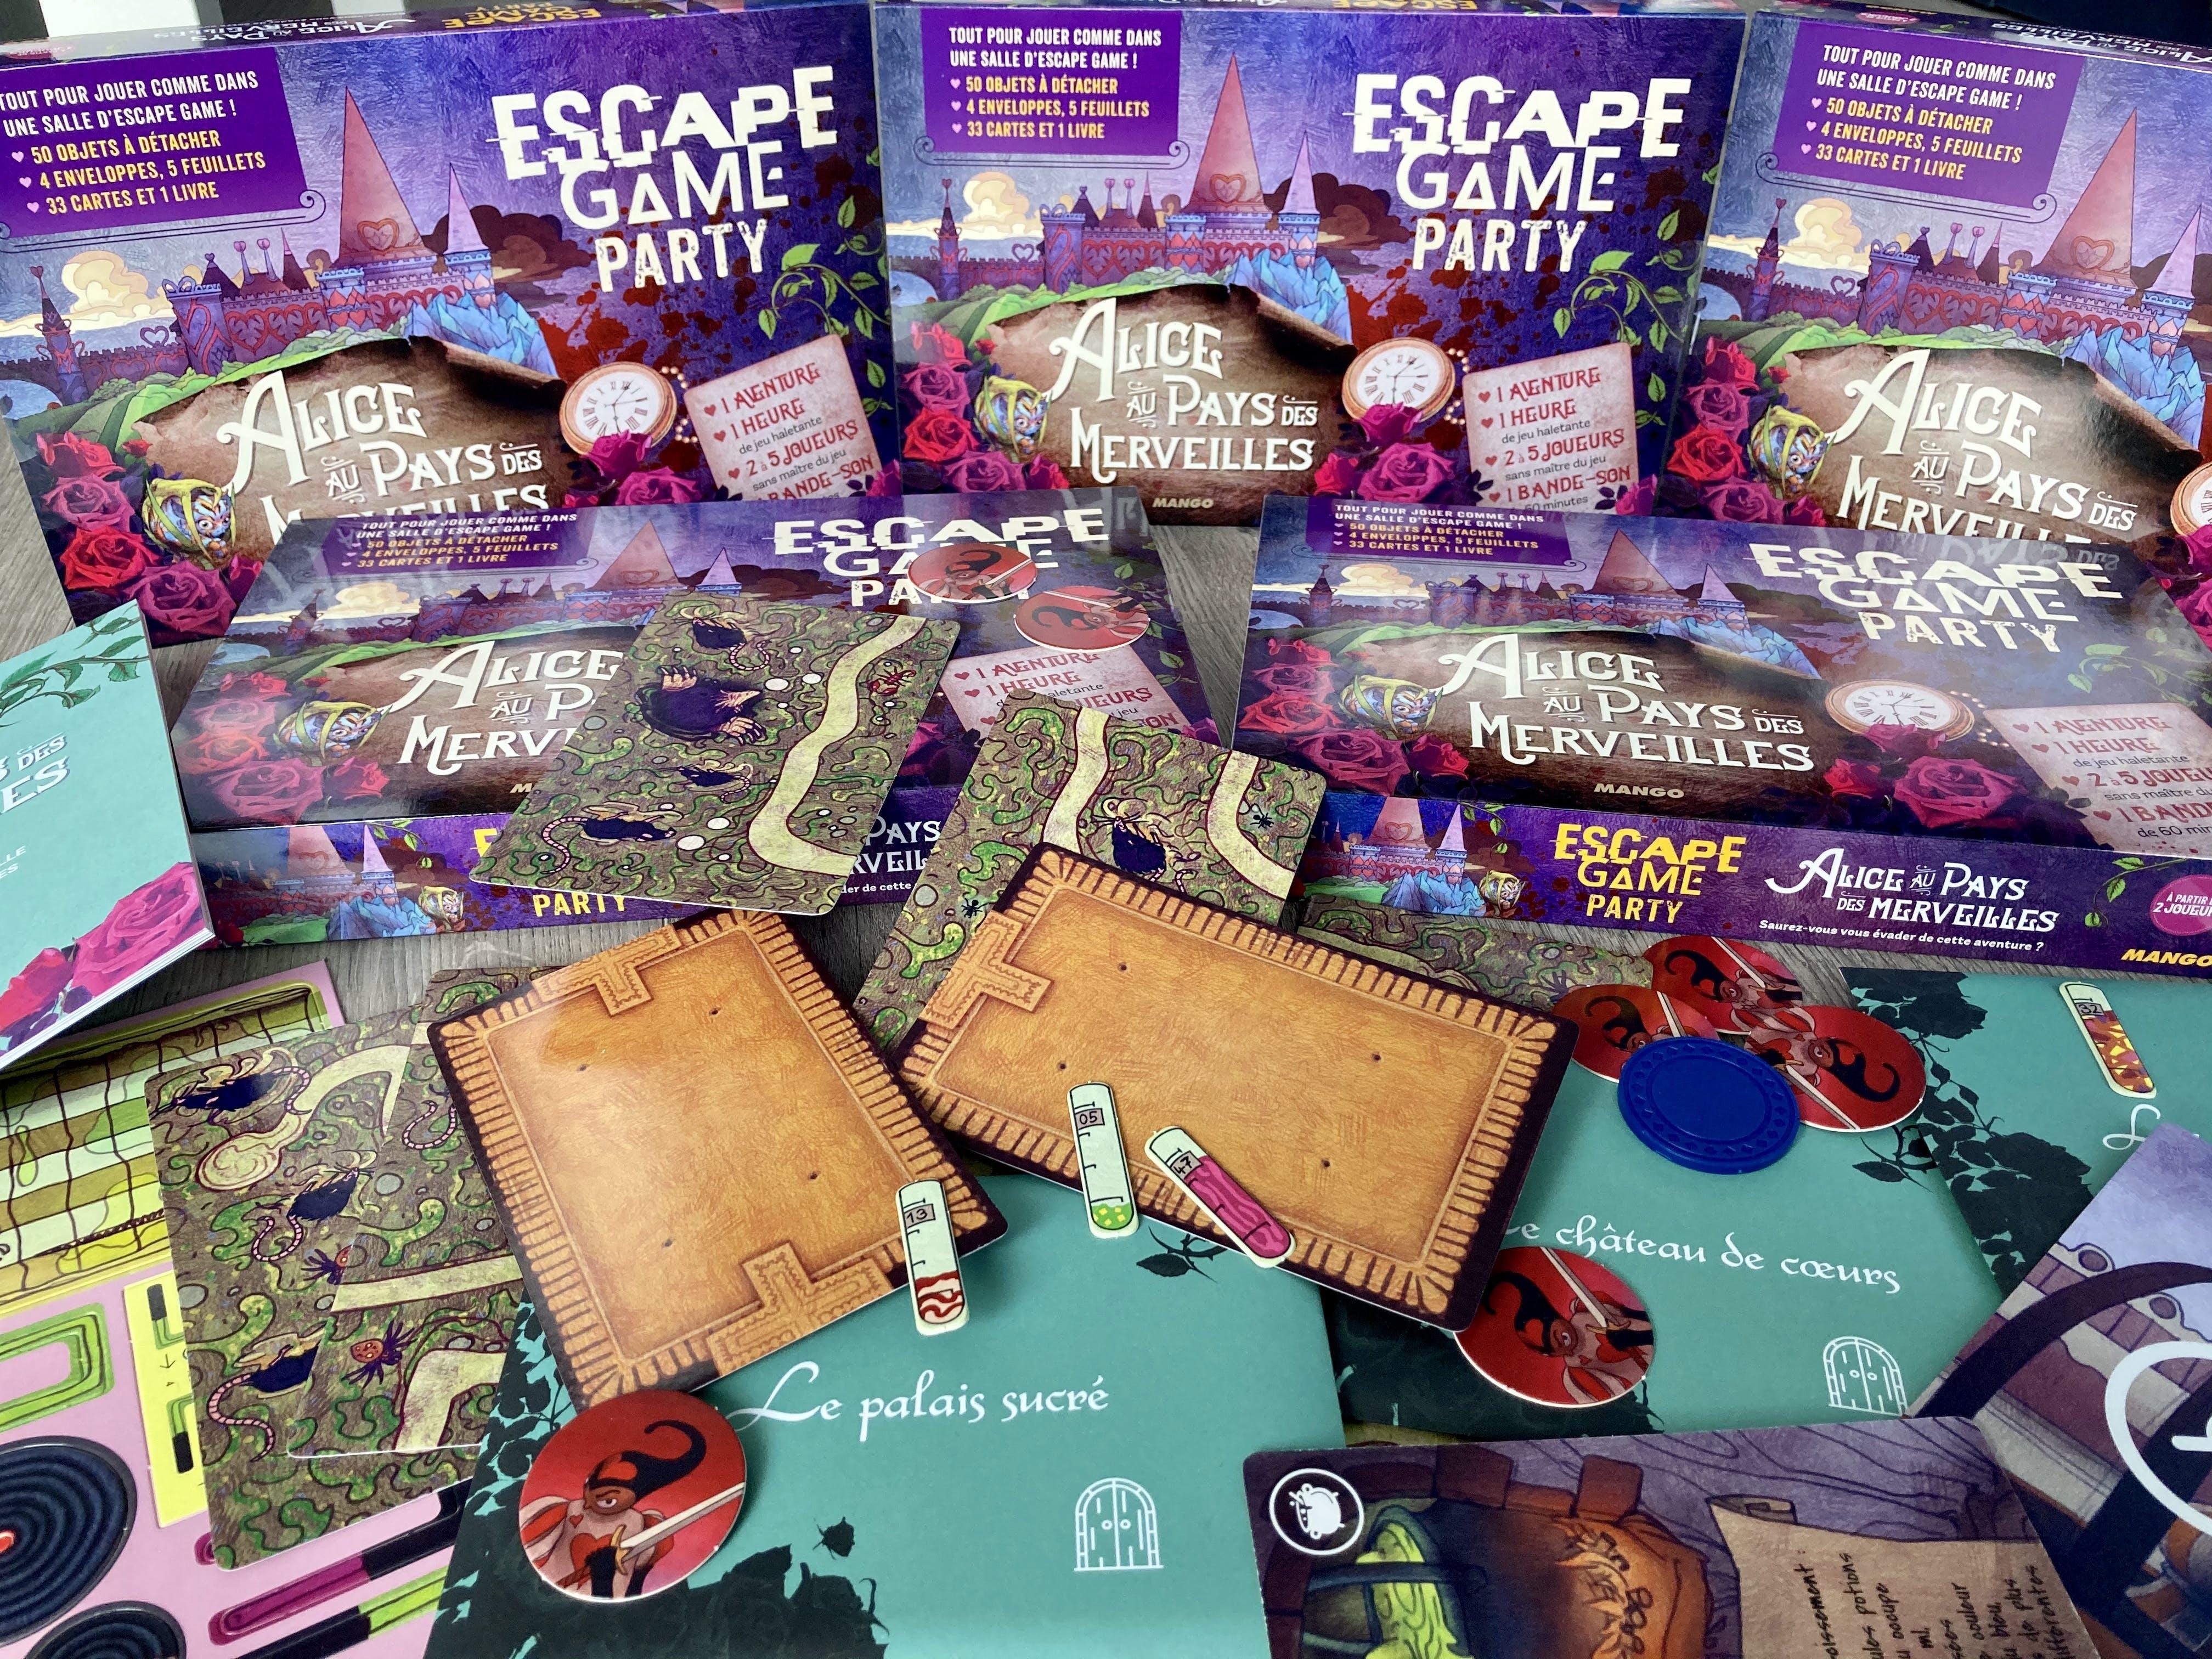 Escape Game Party - Alice au pays des merveilles